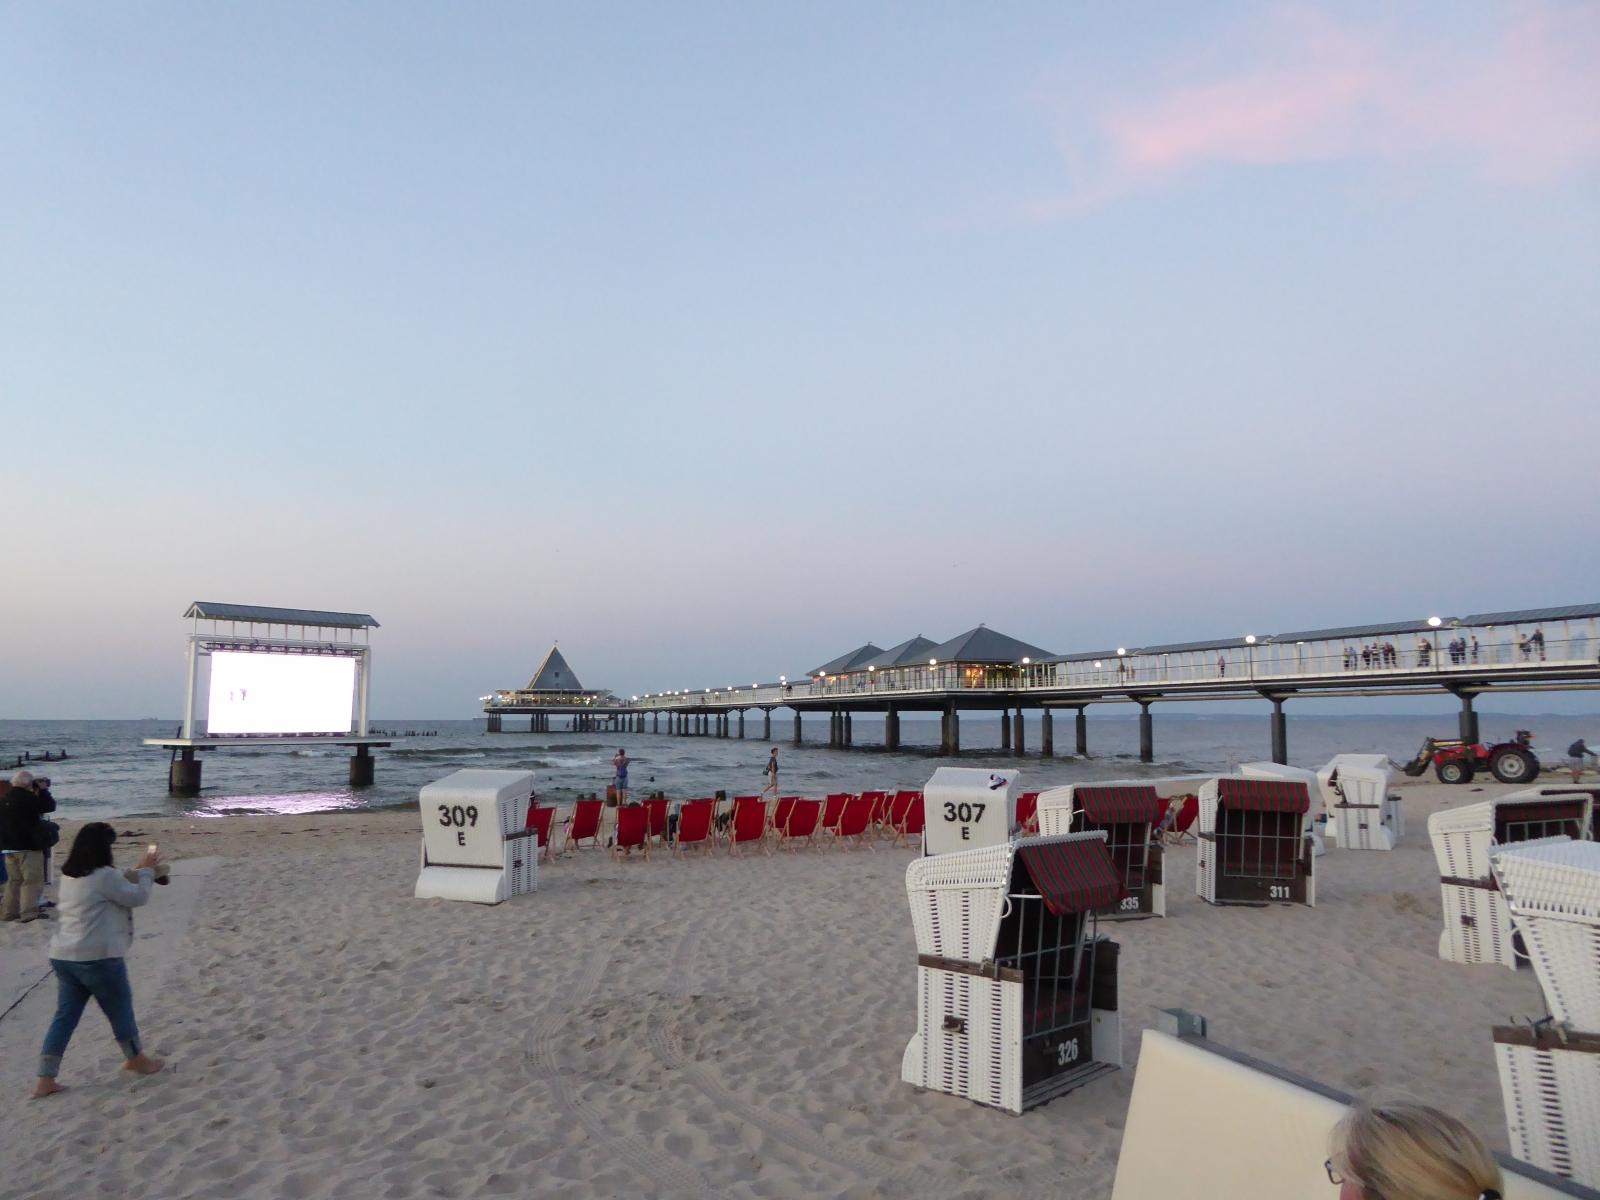 Kinoleinwand in der Ostsee